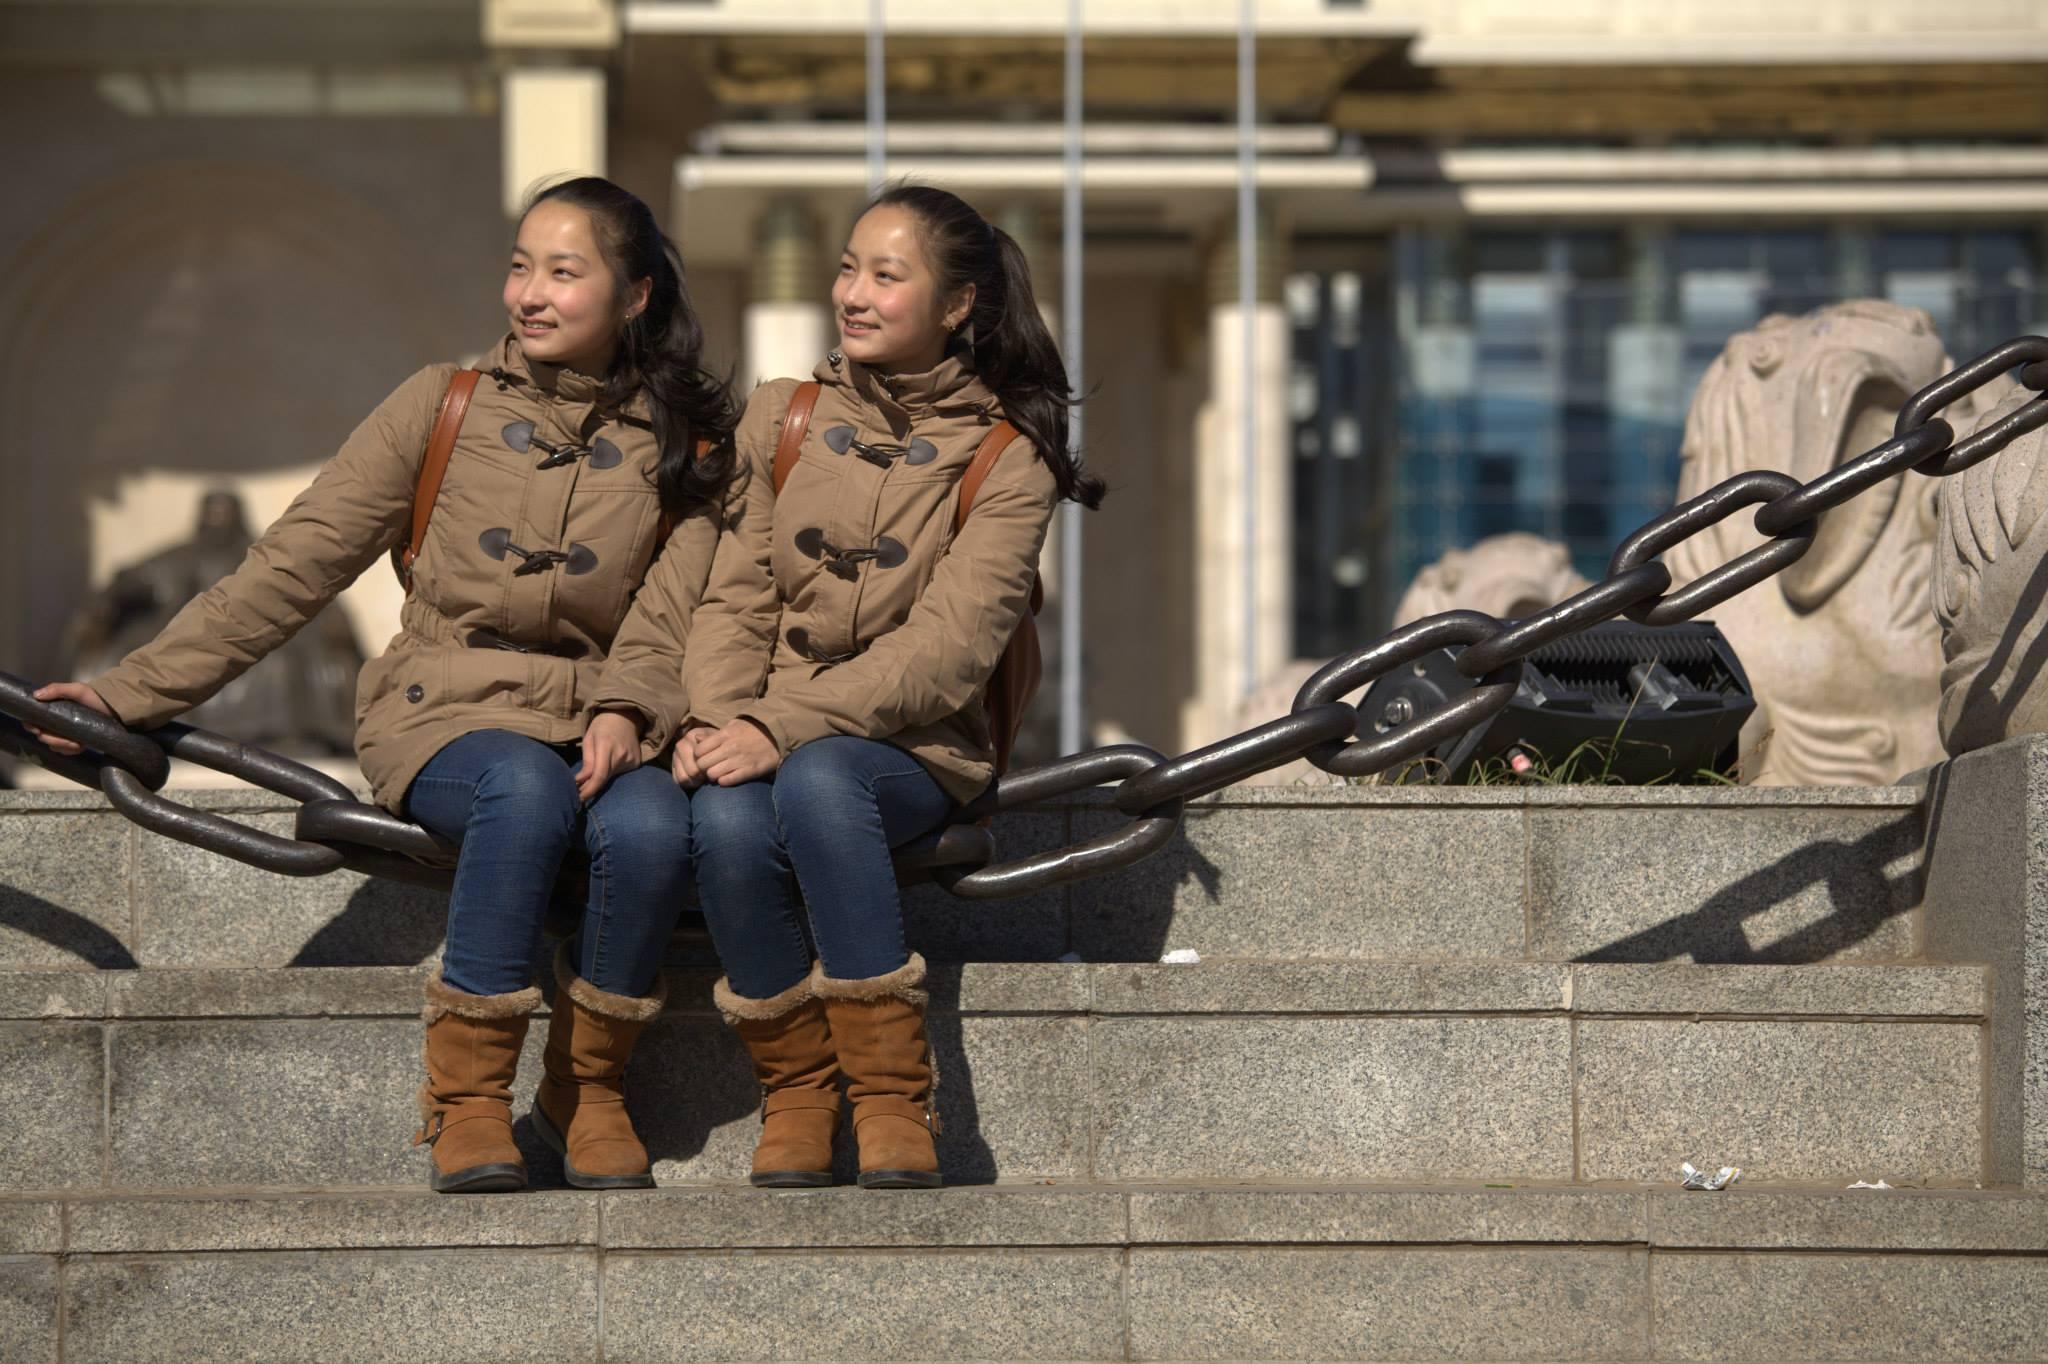 """Н_Мөнхшүр-Н_Энхшүр11 Ихэр охид """" Гайхамшигт хүмүүс """" нэвтрүүлэгт оролцохоор Москваг зорилоо"""